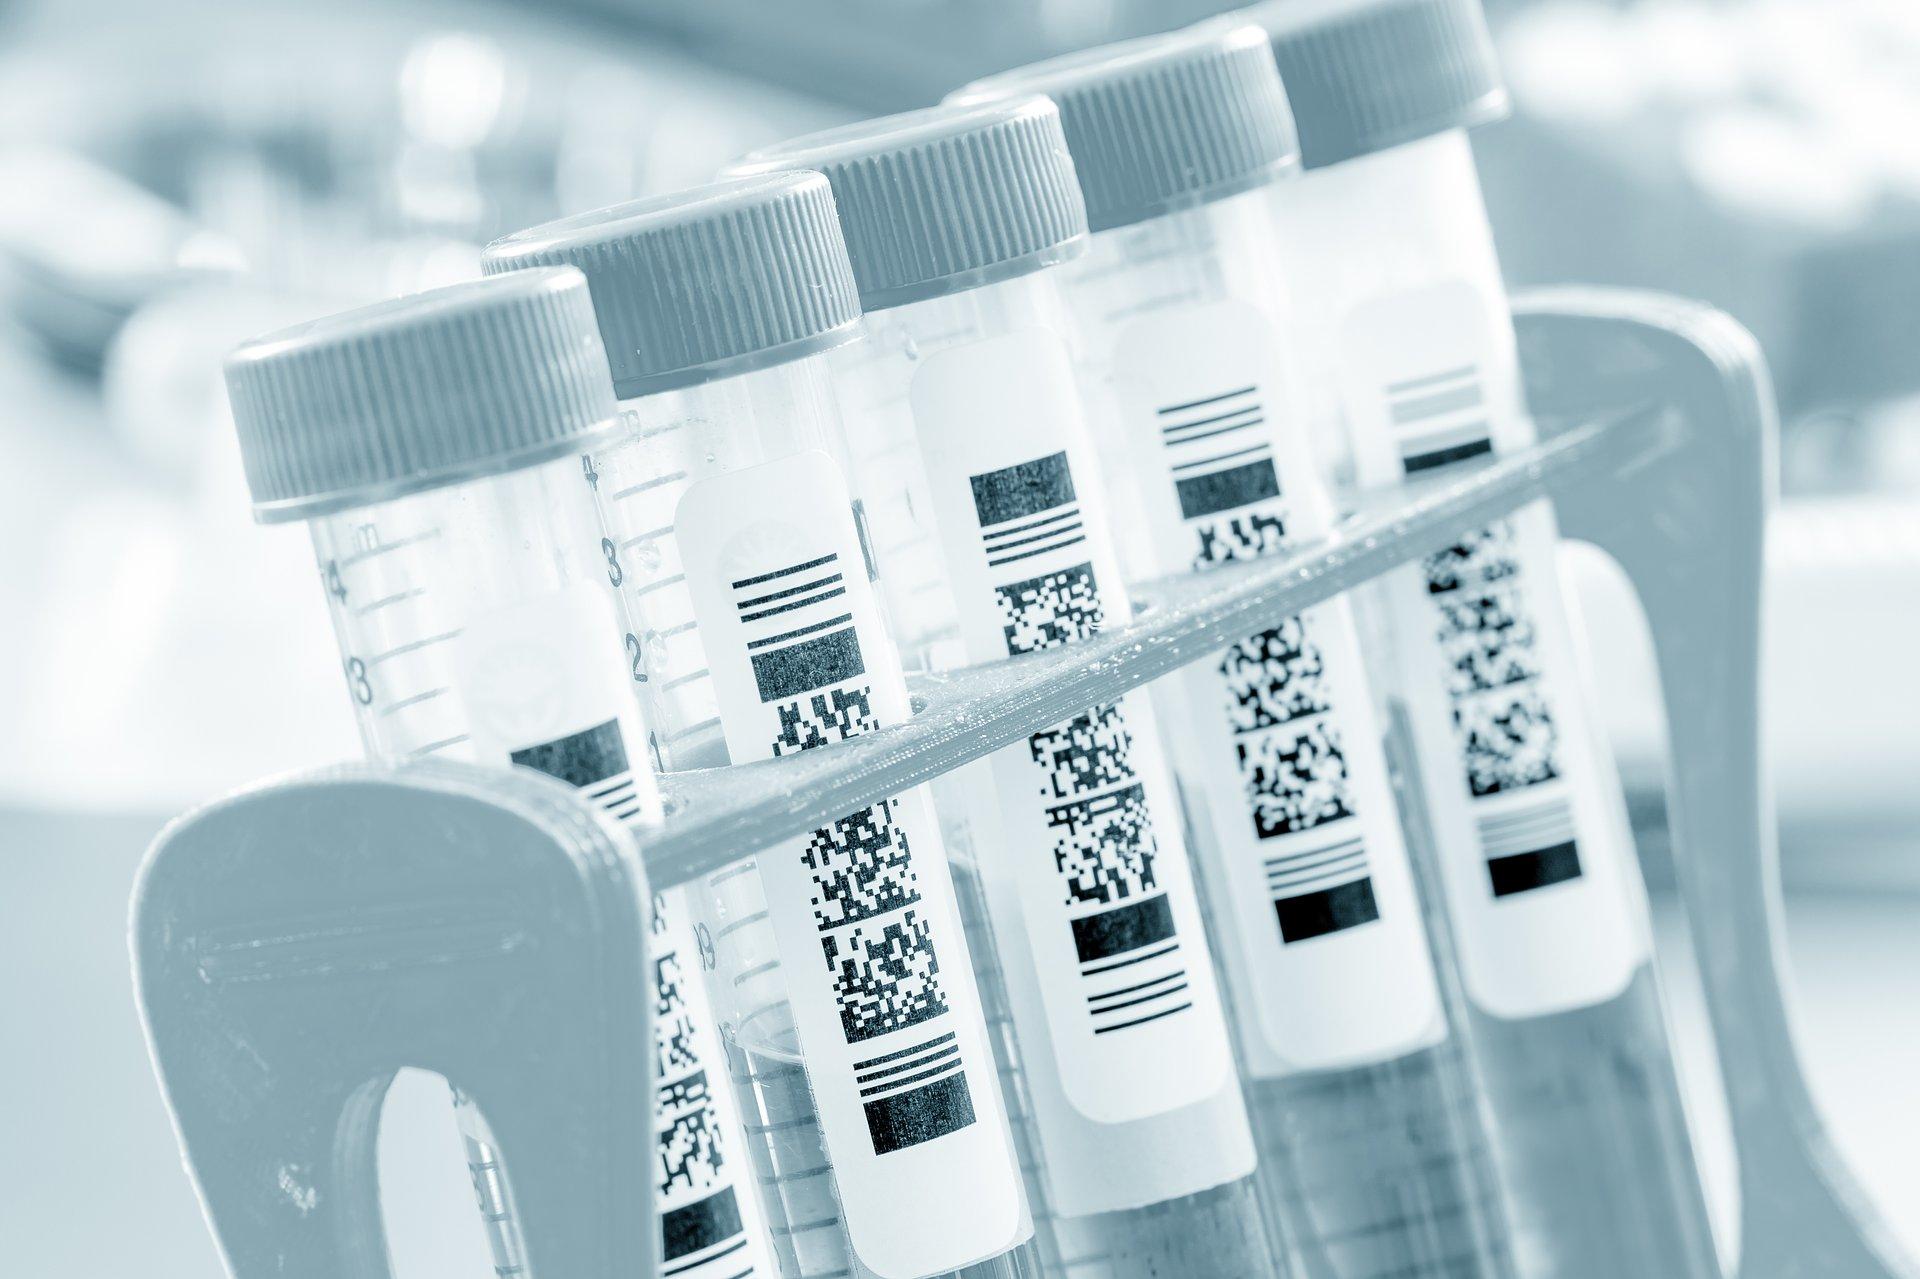 URPL o wyrobach medycznych do diagnostyki in vitro używanych w diagnostyce zakażeń koronawirusem